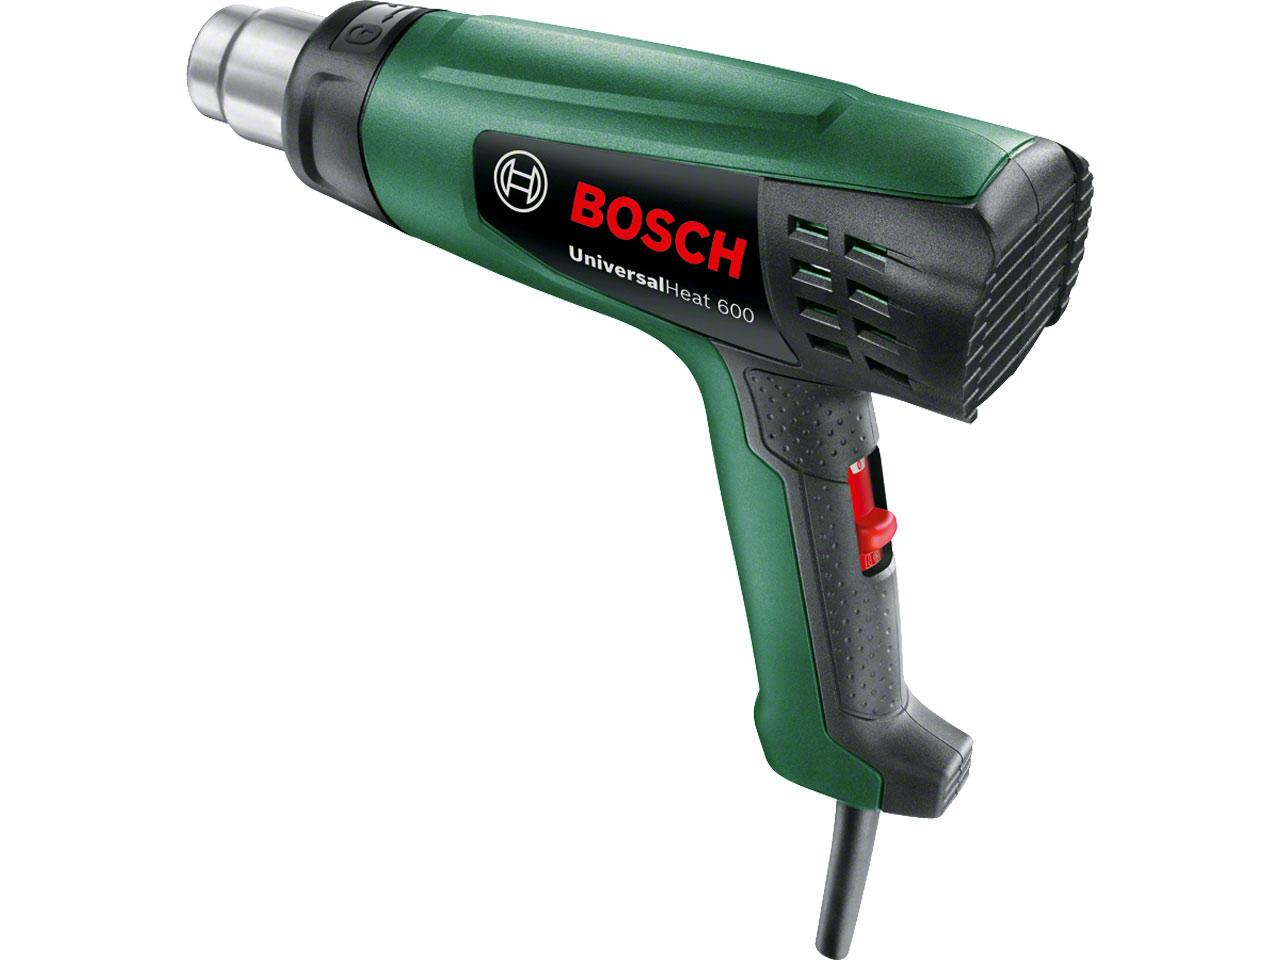 Bosch_06032A6170.jpg